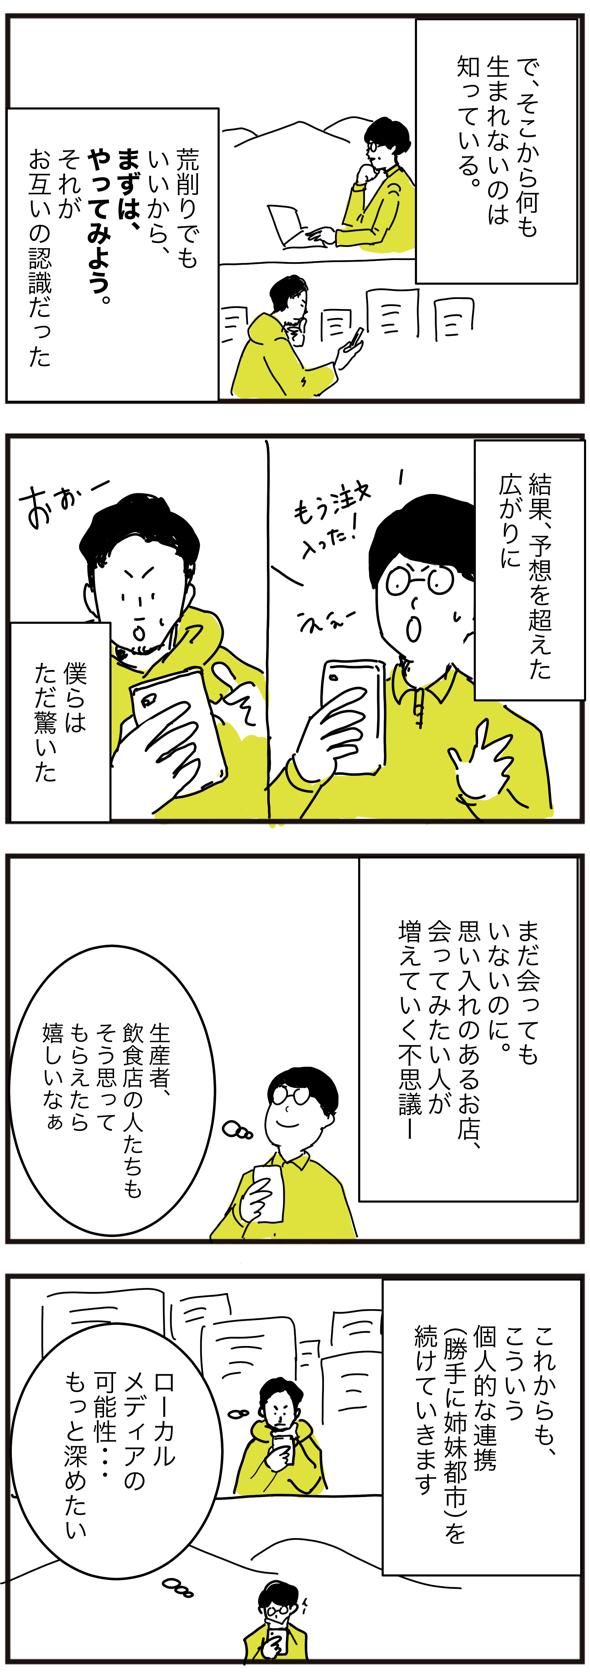 manga #1